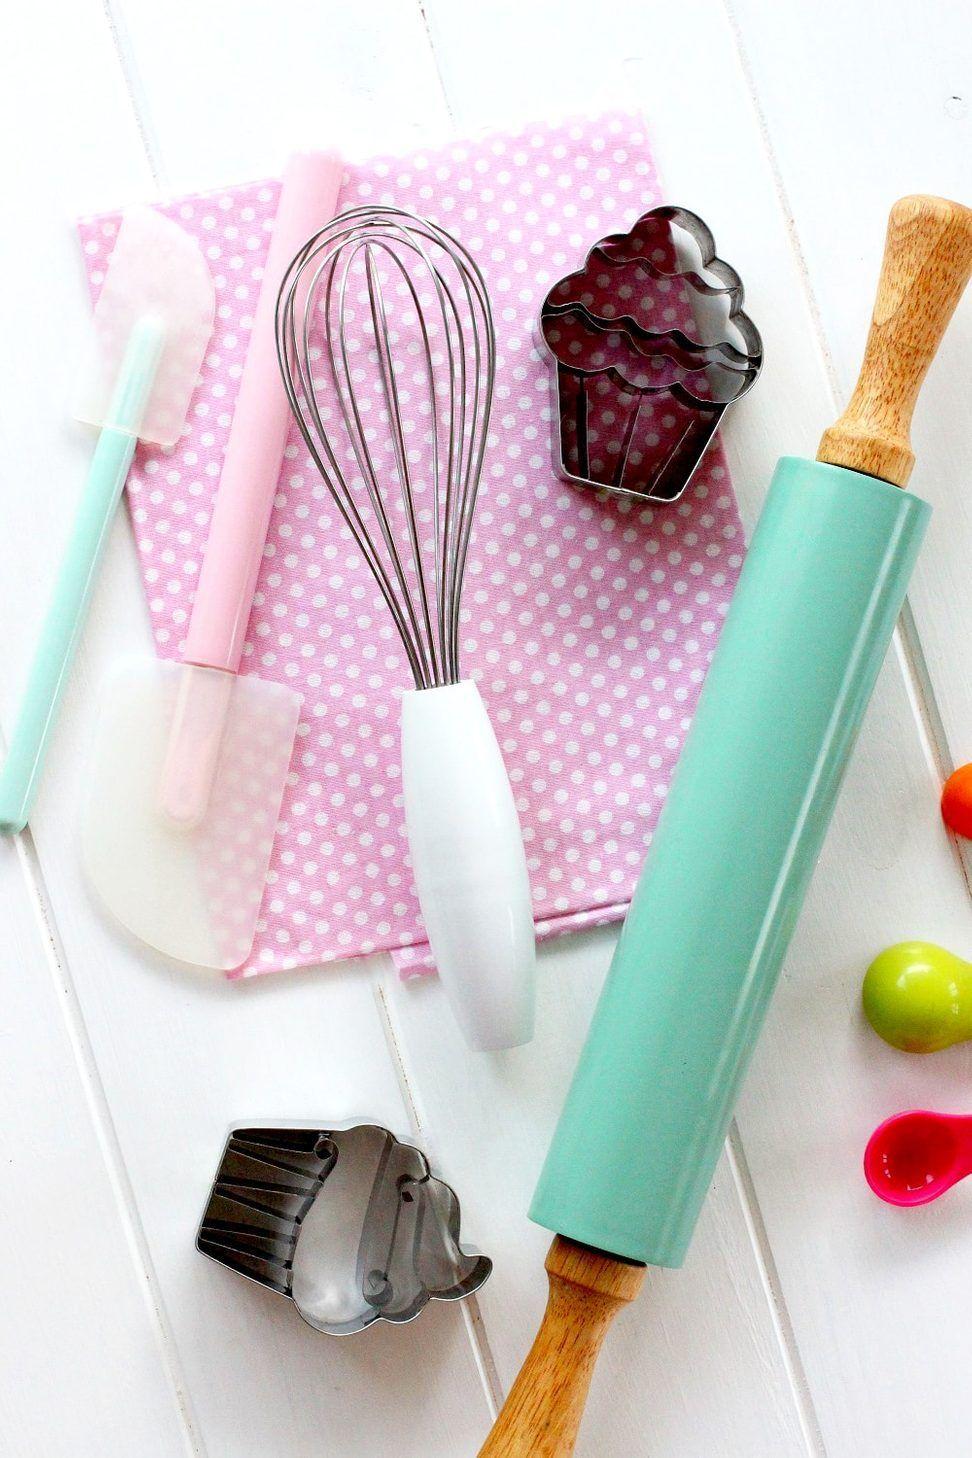 Utensilios Repostera Foto Defoto De Utensilios De Reposteriafoto De Utensilios De Reposteria Baking Wallpaper Cake Wallpaper Cake Logo